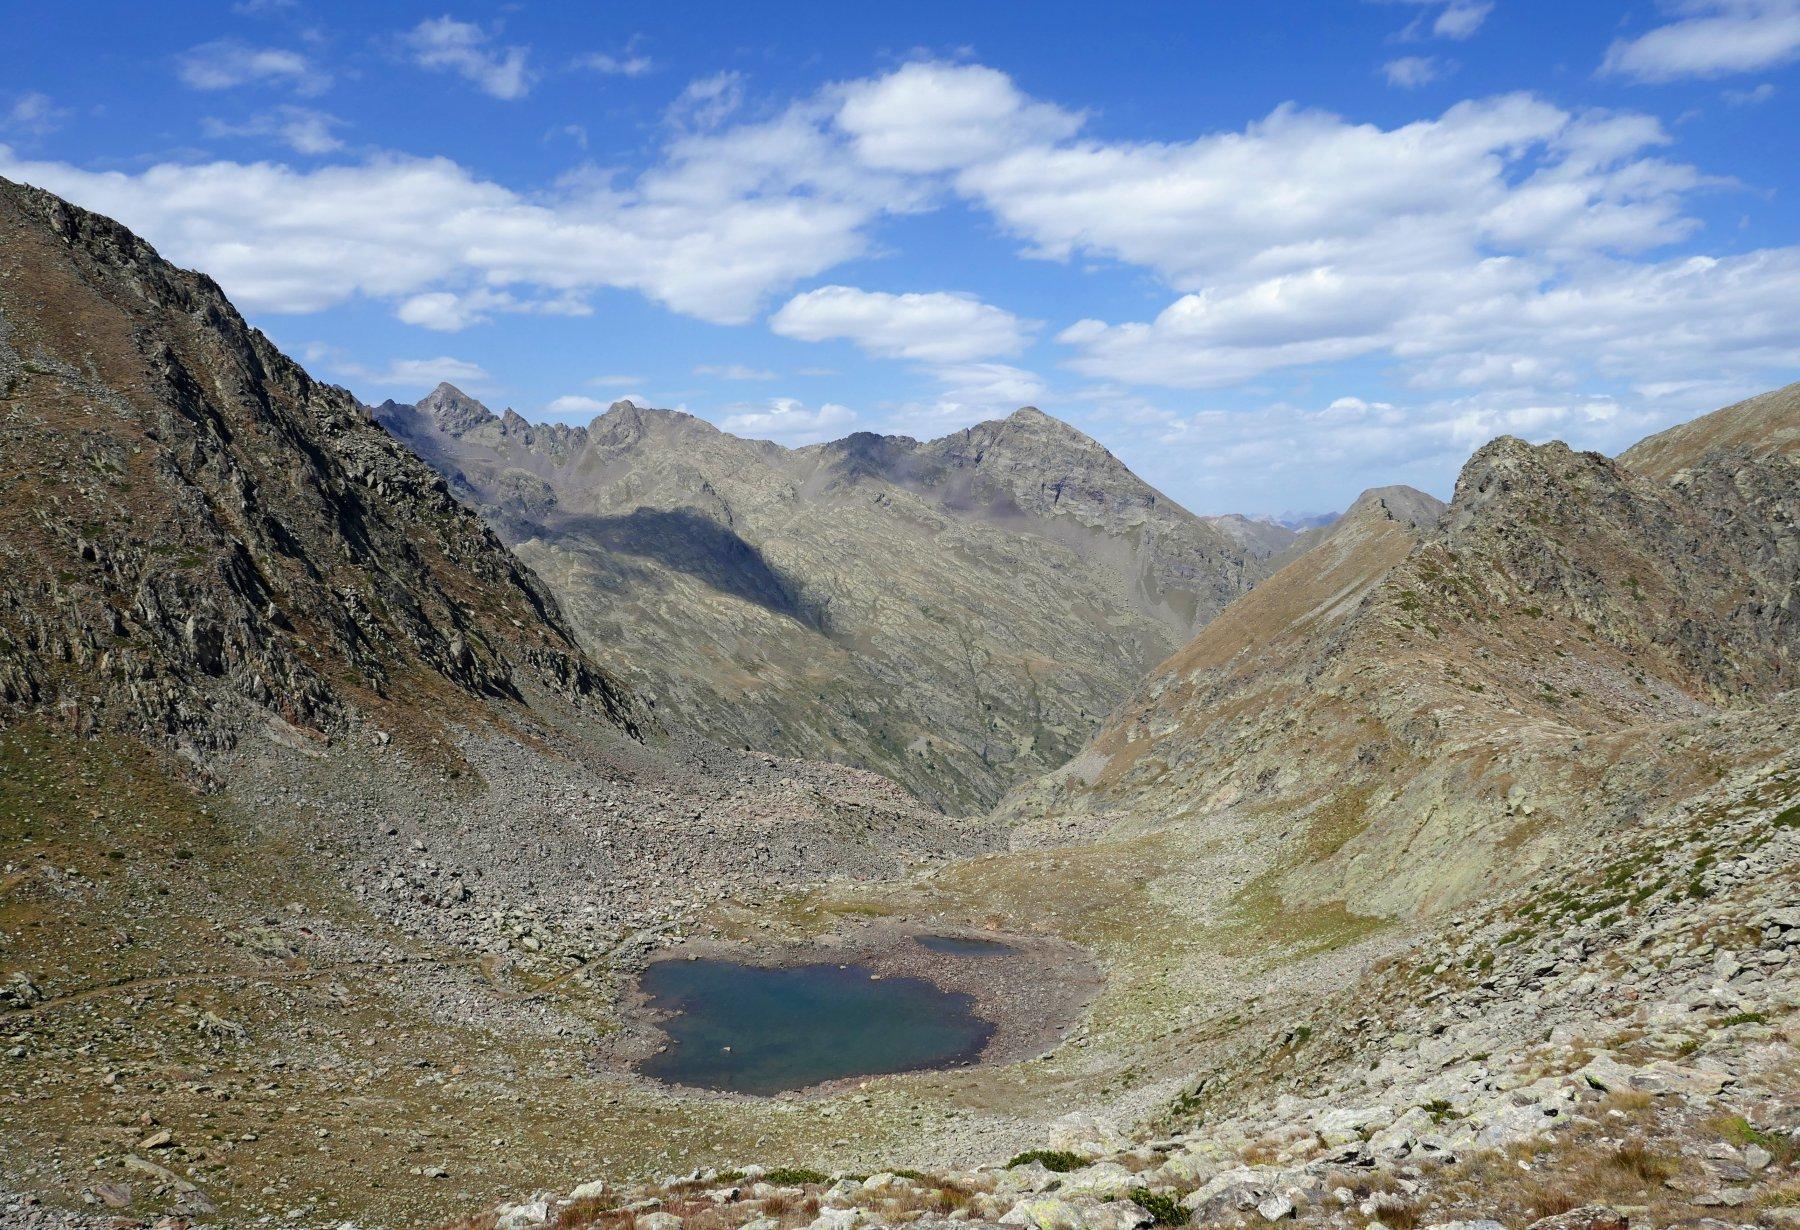 Il lago di Seccia visto dal colle omonimo, sullo sfondo Corborant, Giofreddo e Laroussa